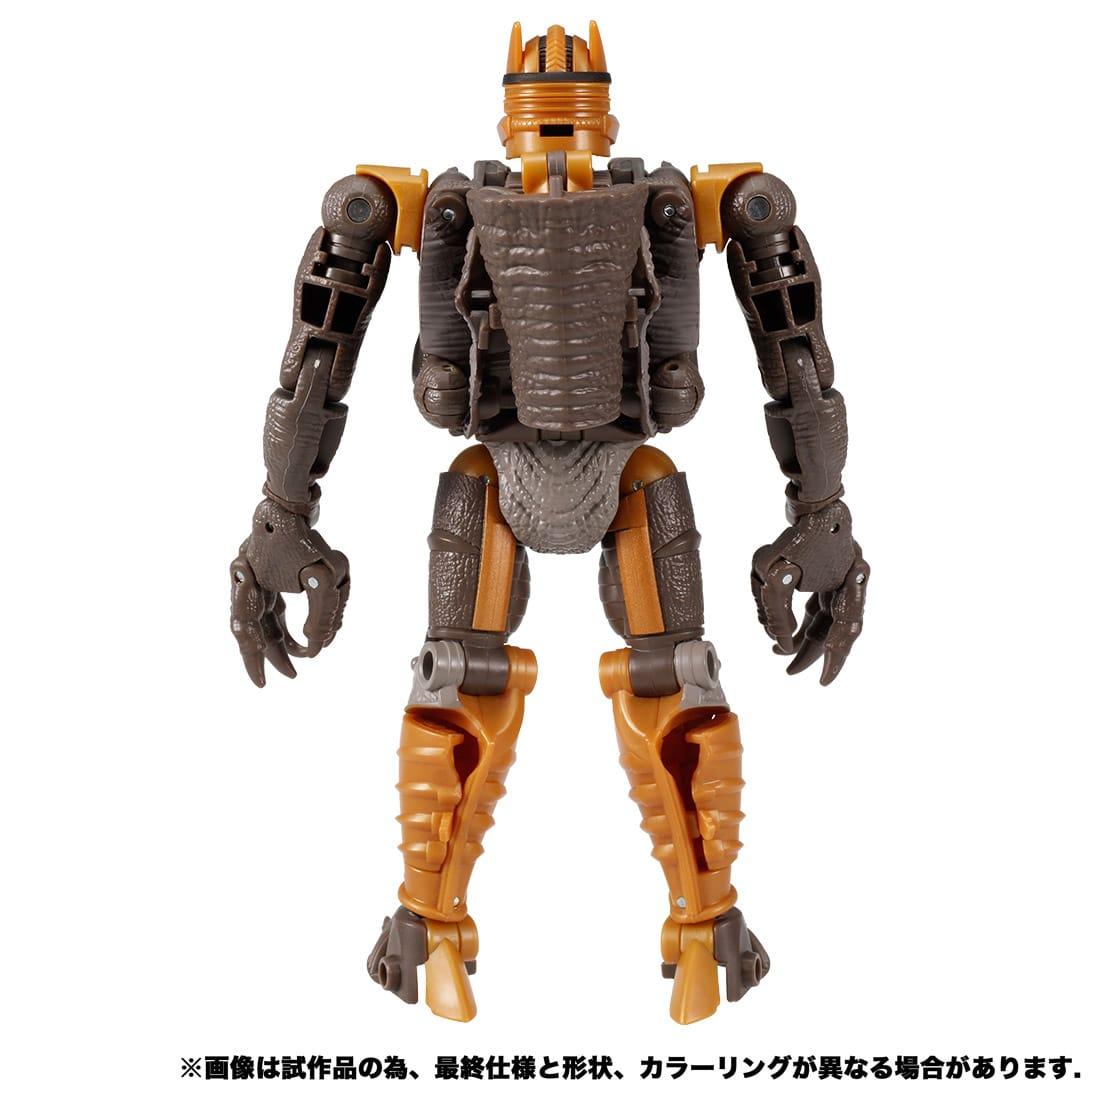 トランスフォーマー キングダム『KD-08 ダイノボット』可変可動フィギュア-002